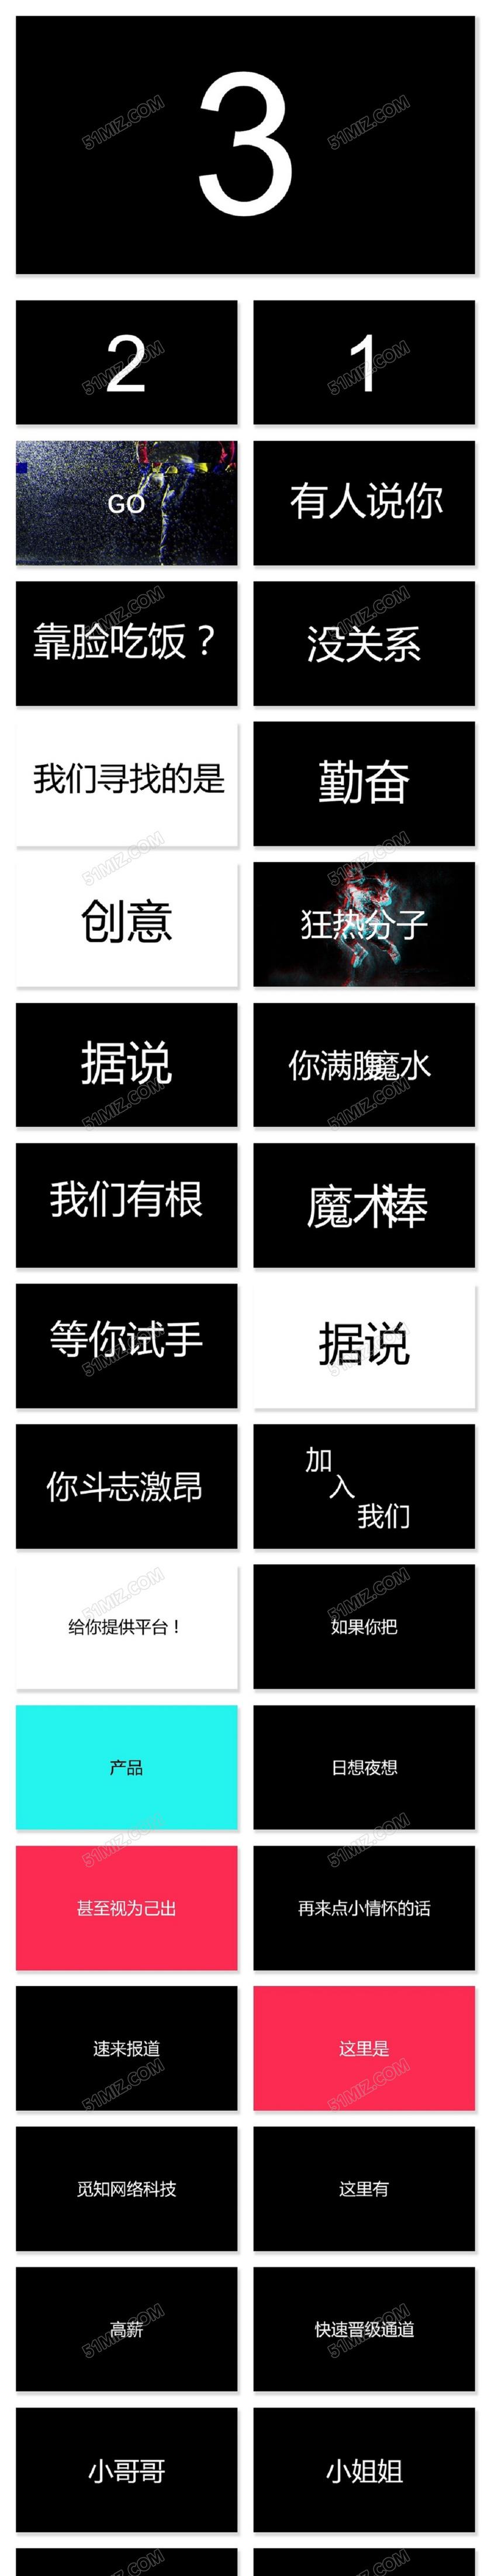 抖音风炫酷快闪文字公司招聘员工招聘ppt模板